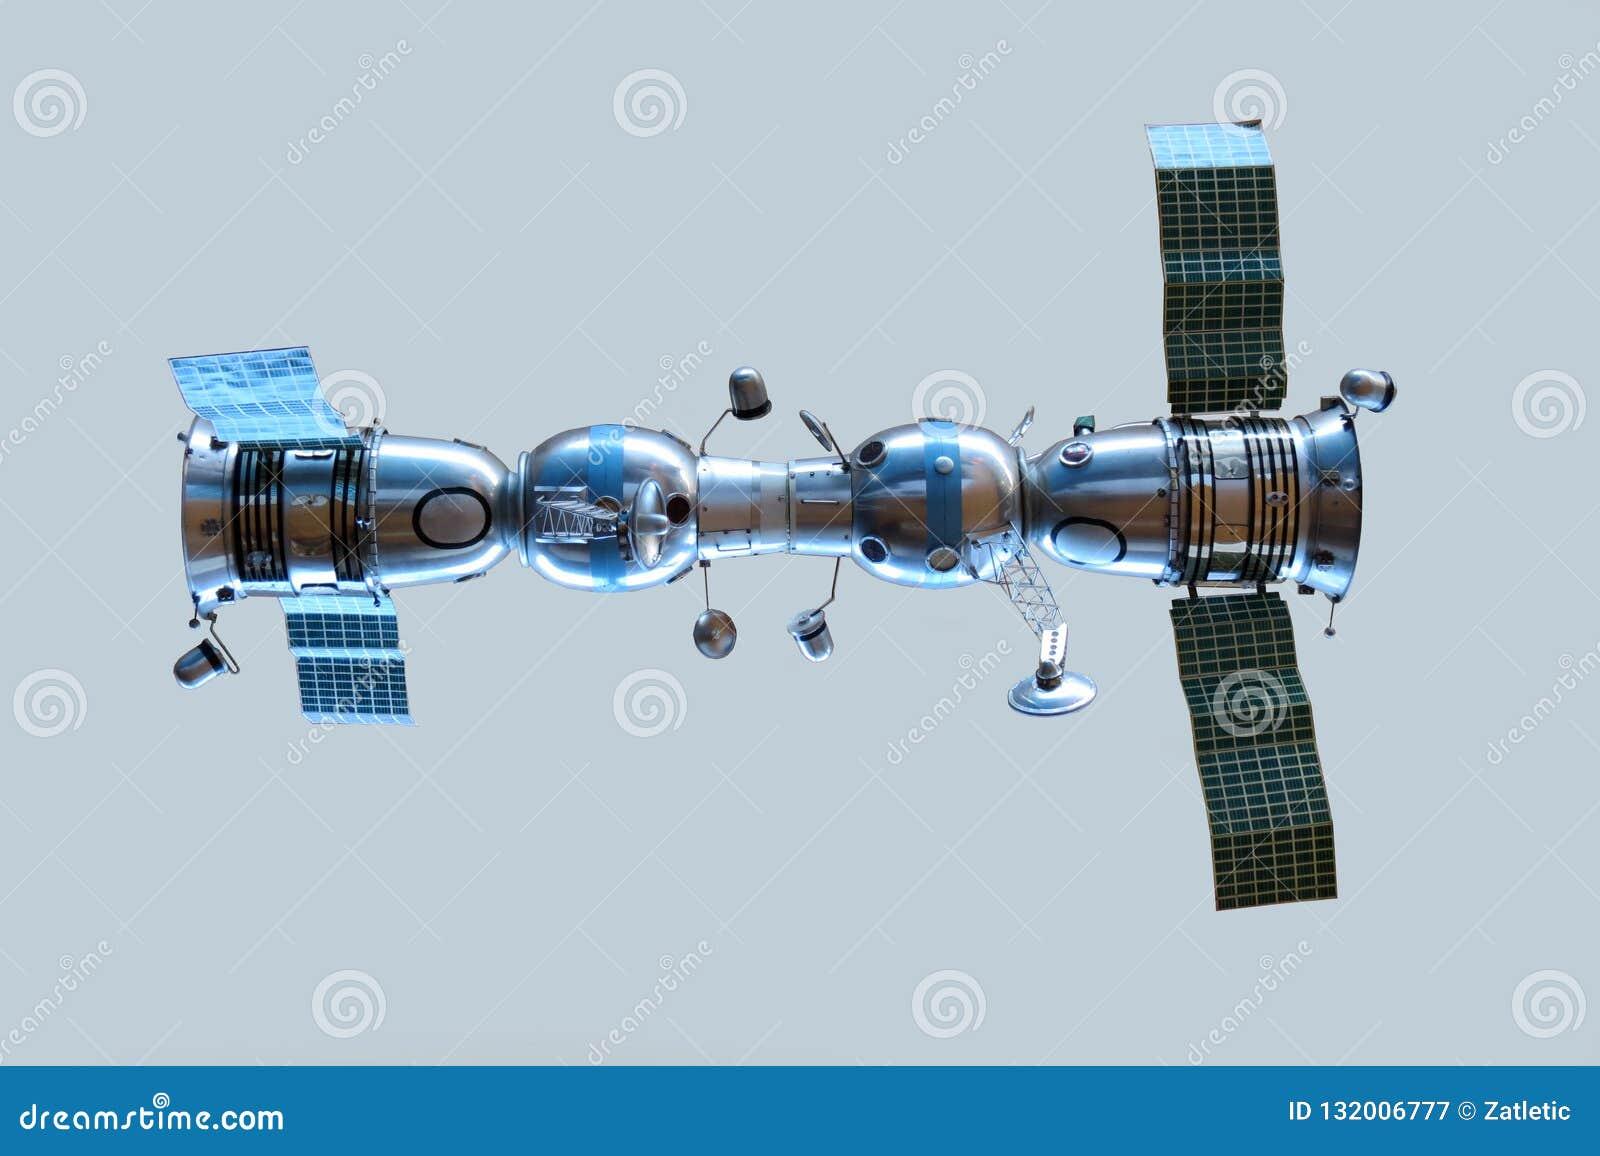 Модель соединенных космических кораблей Soyuz 4 и Soyuz 5